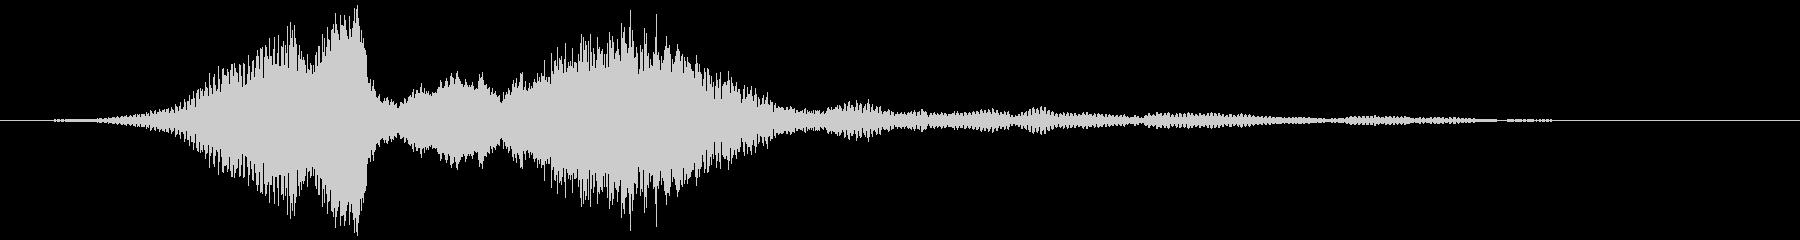 【映画・シネマティック】ライザー_06の未再生の波形